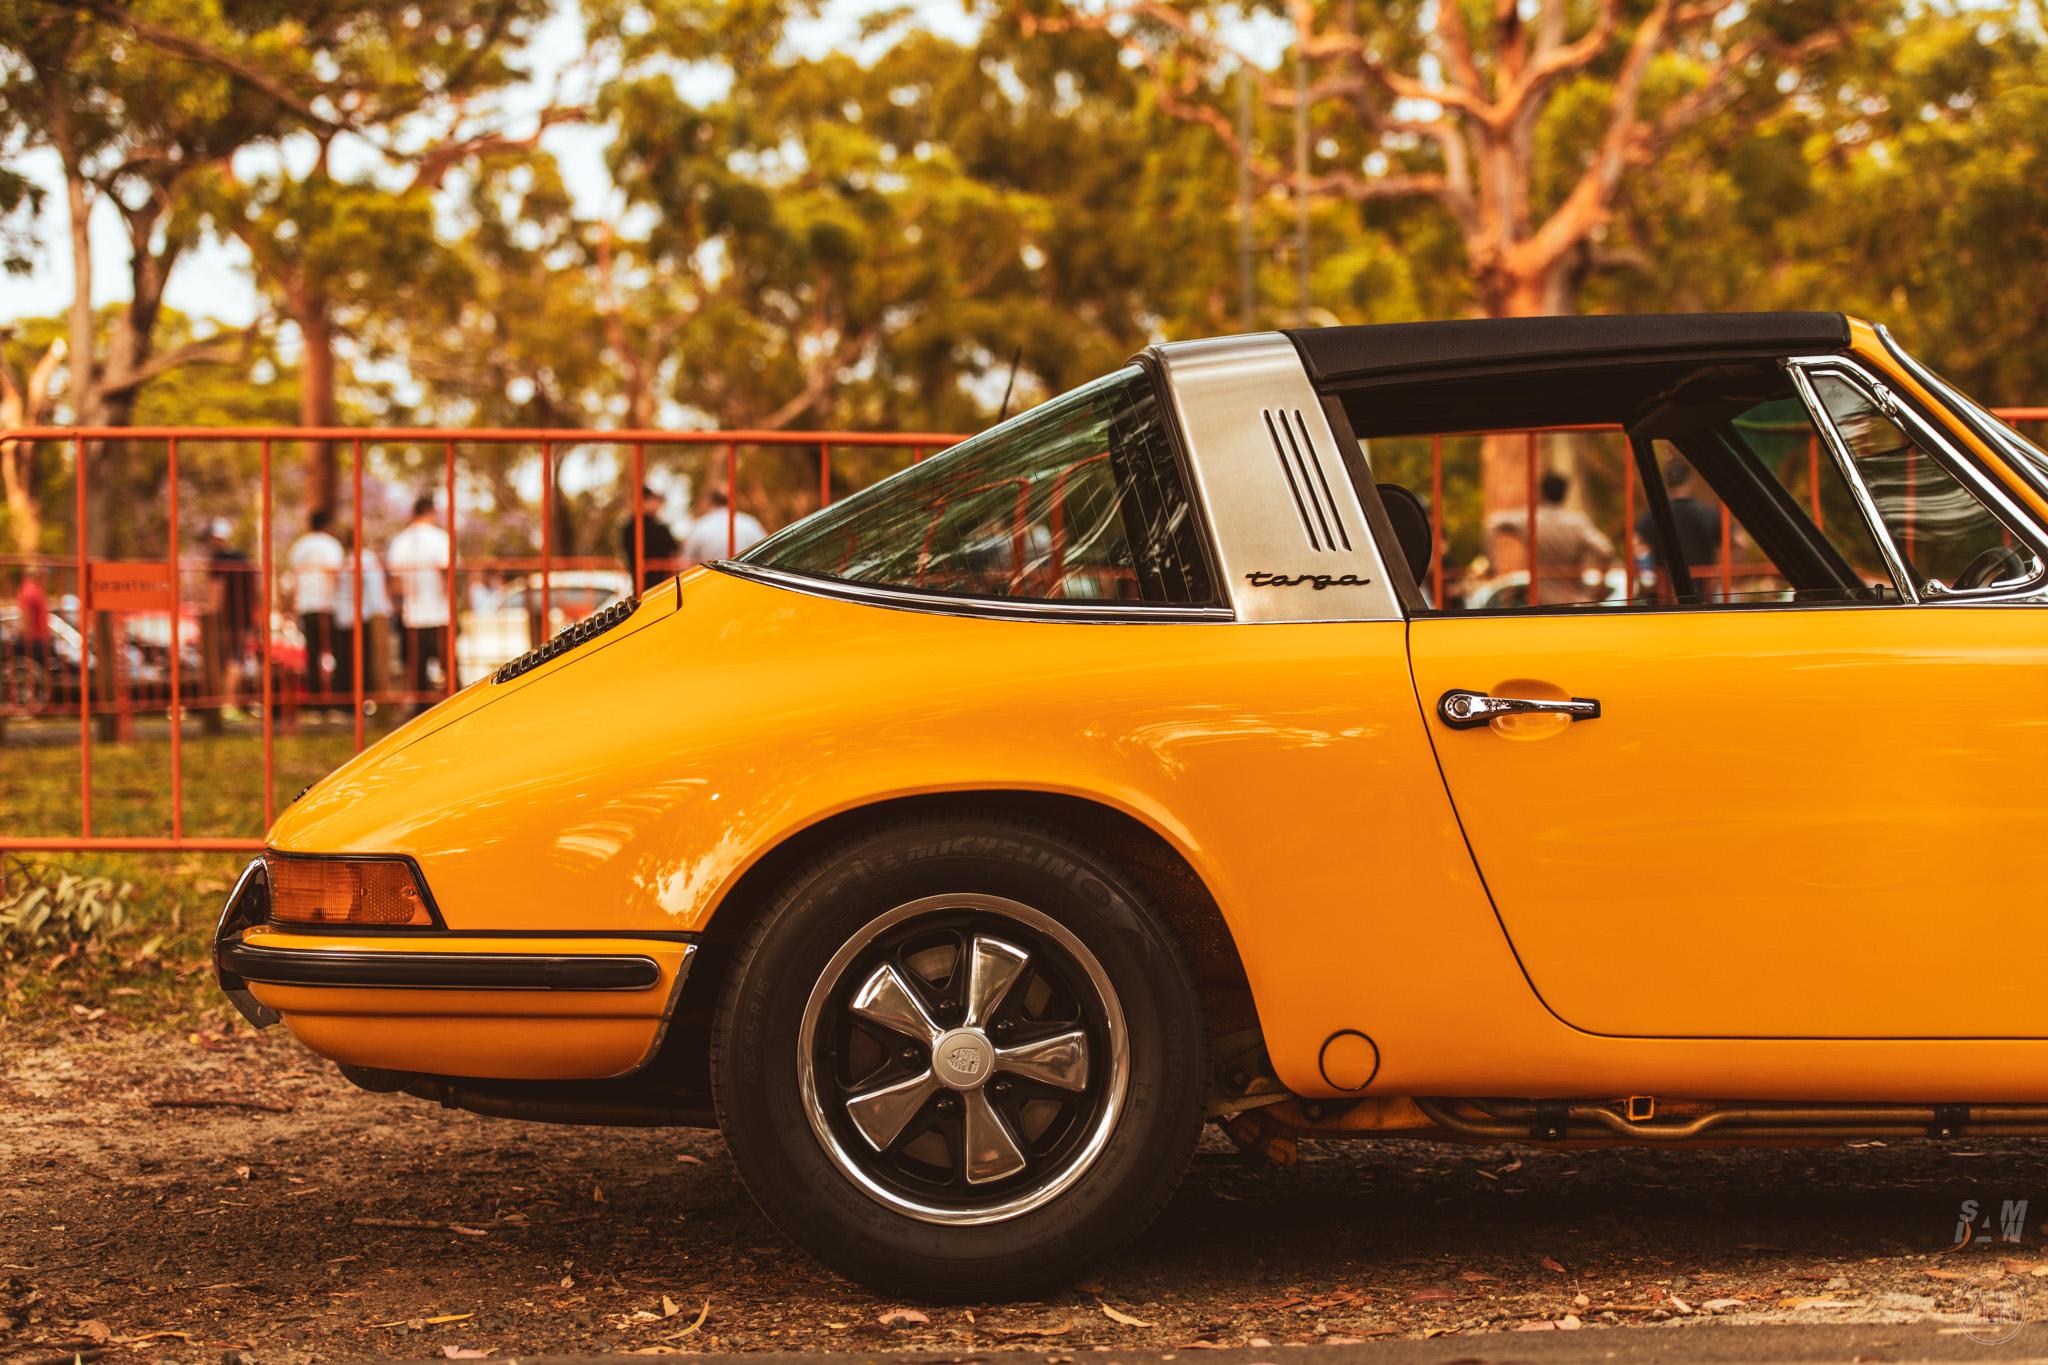 2019-12-08 - Porsches & Coffee 102